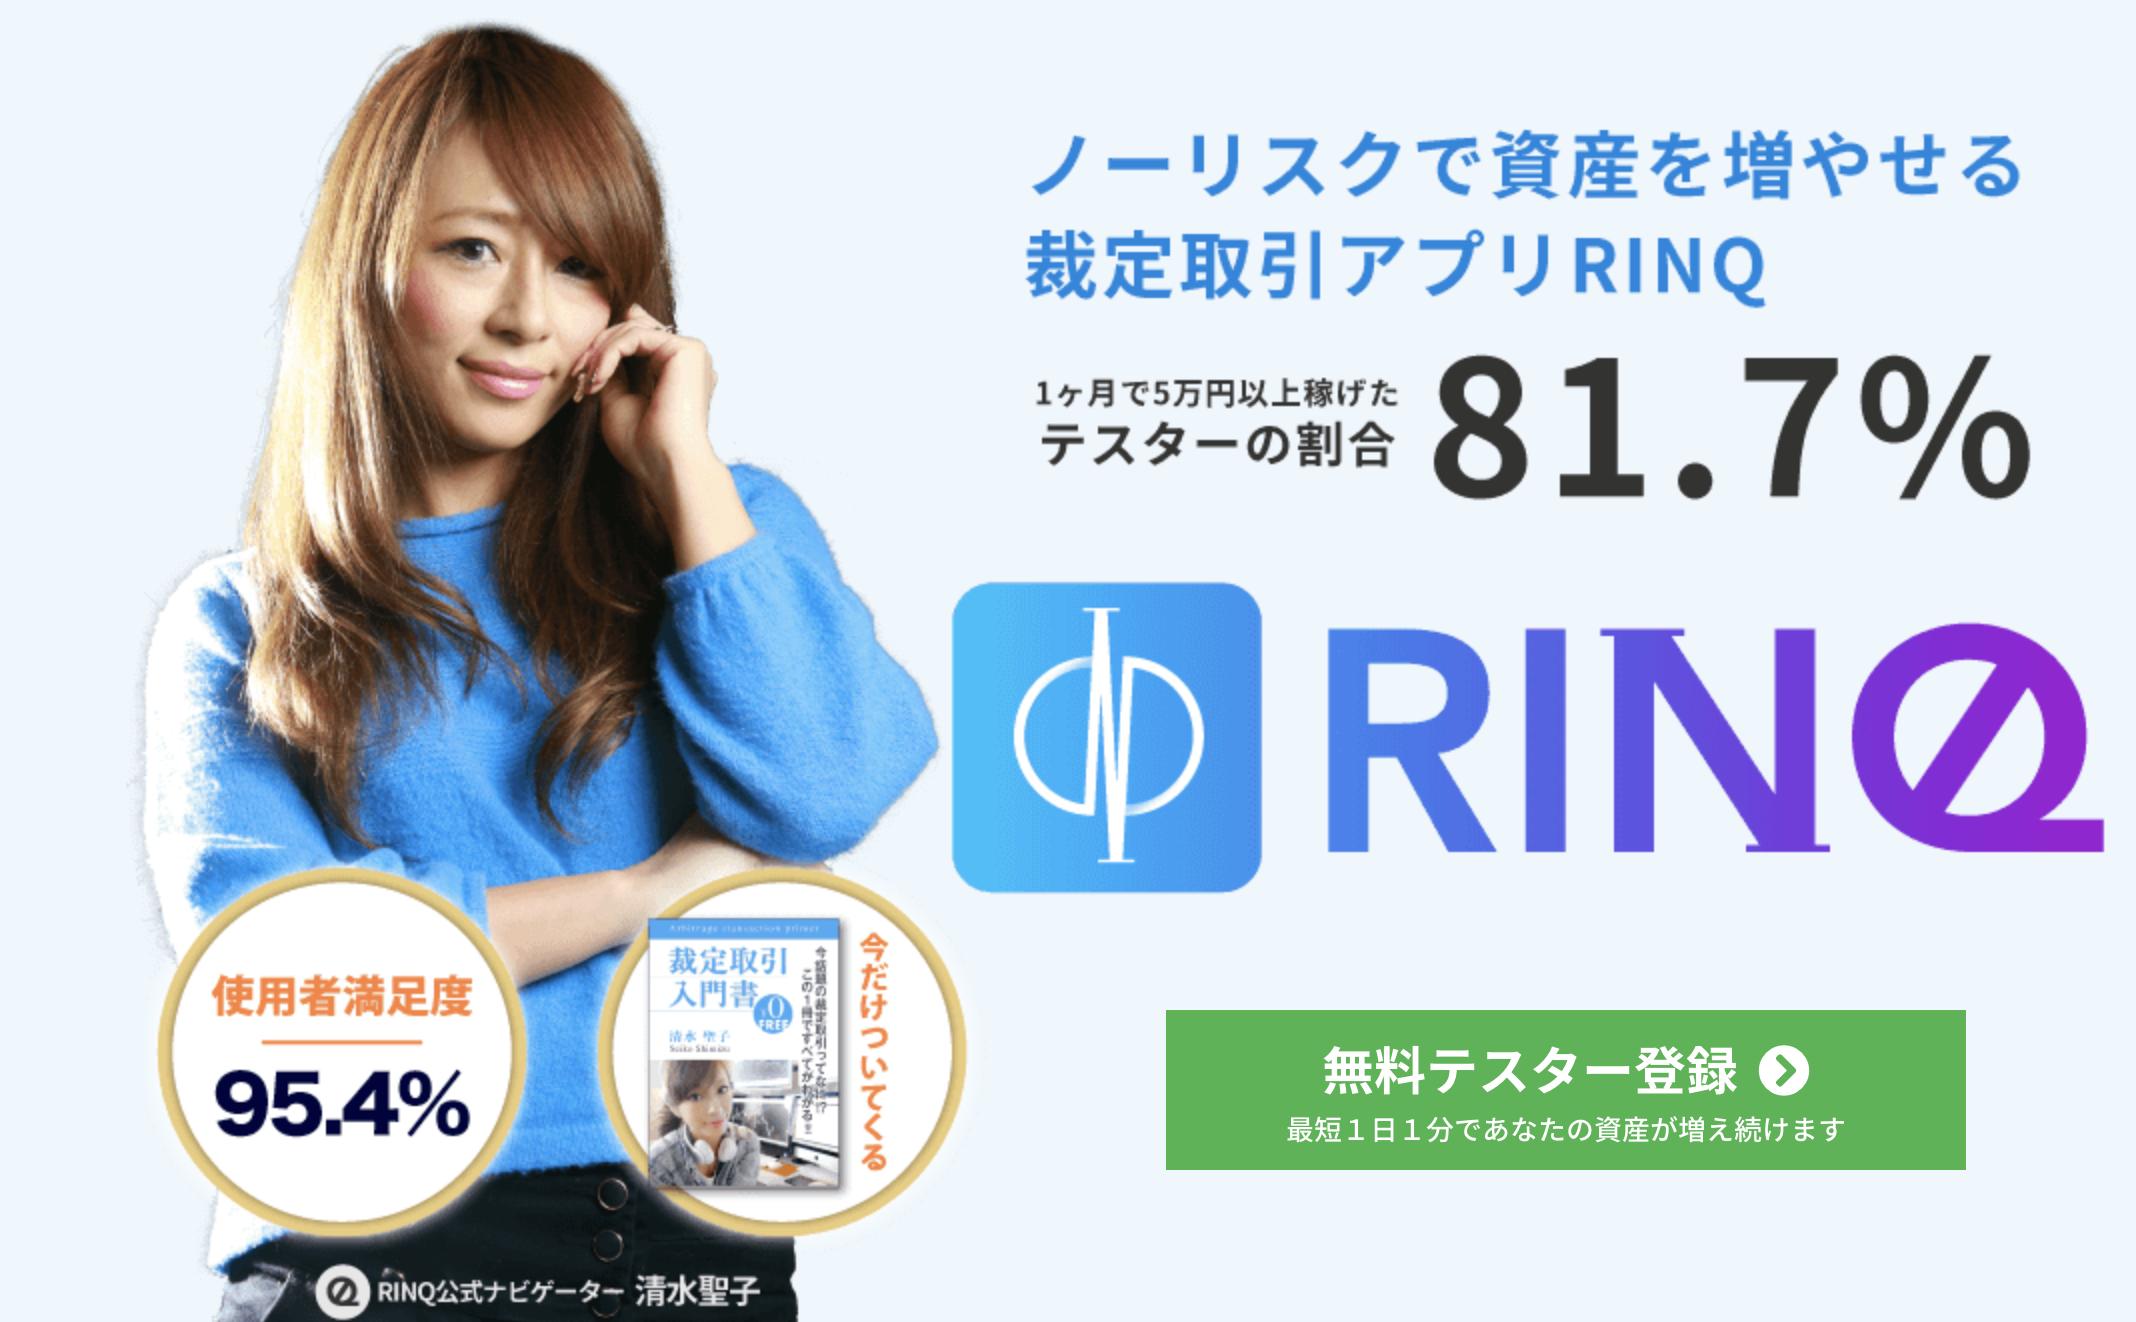 清水聖子のリンク(RINQ)タイトル